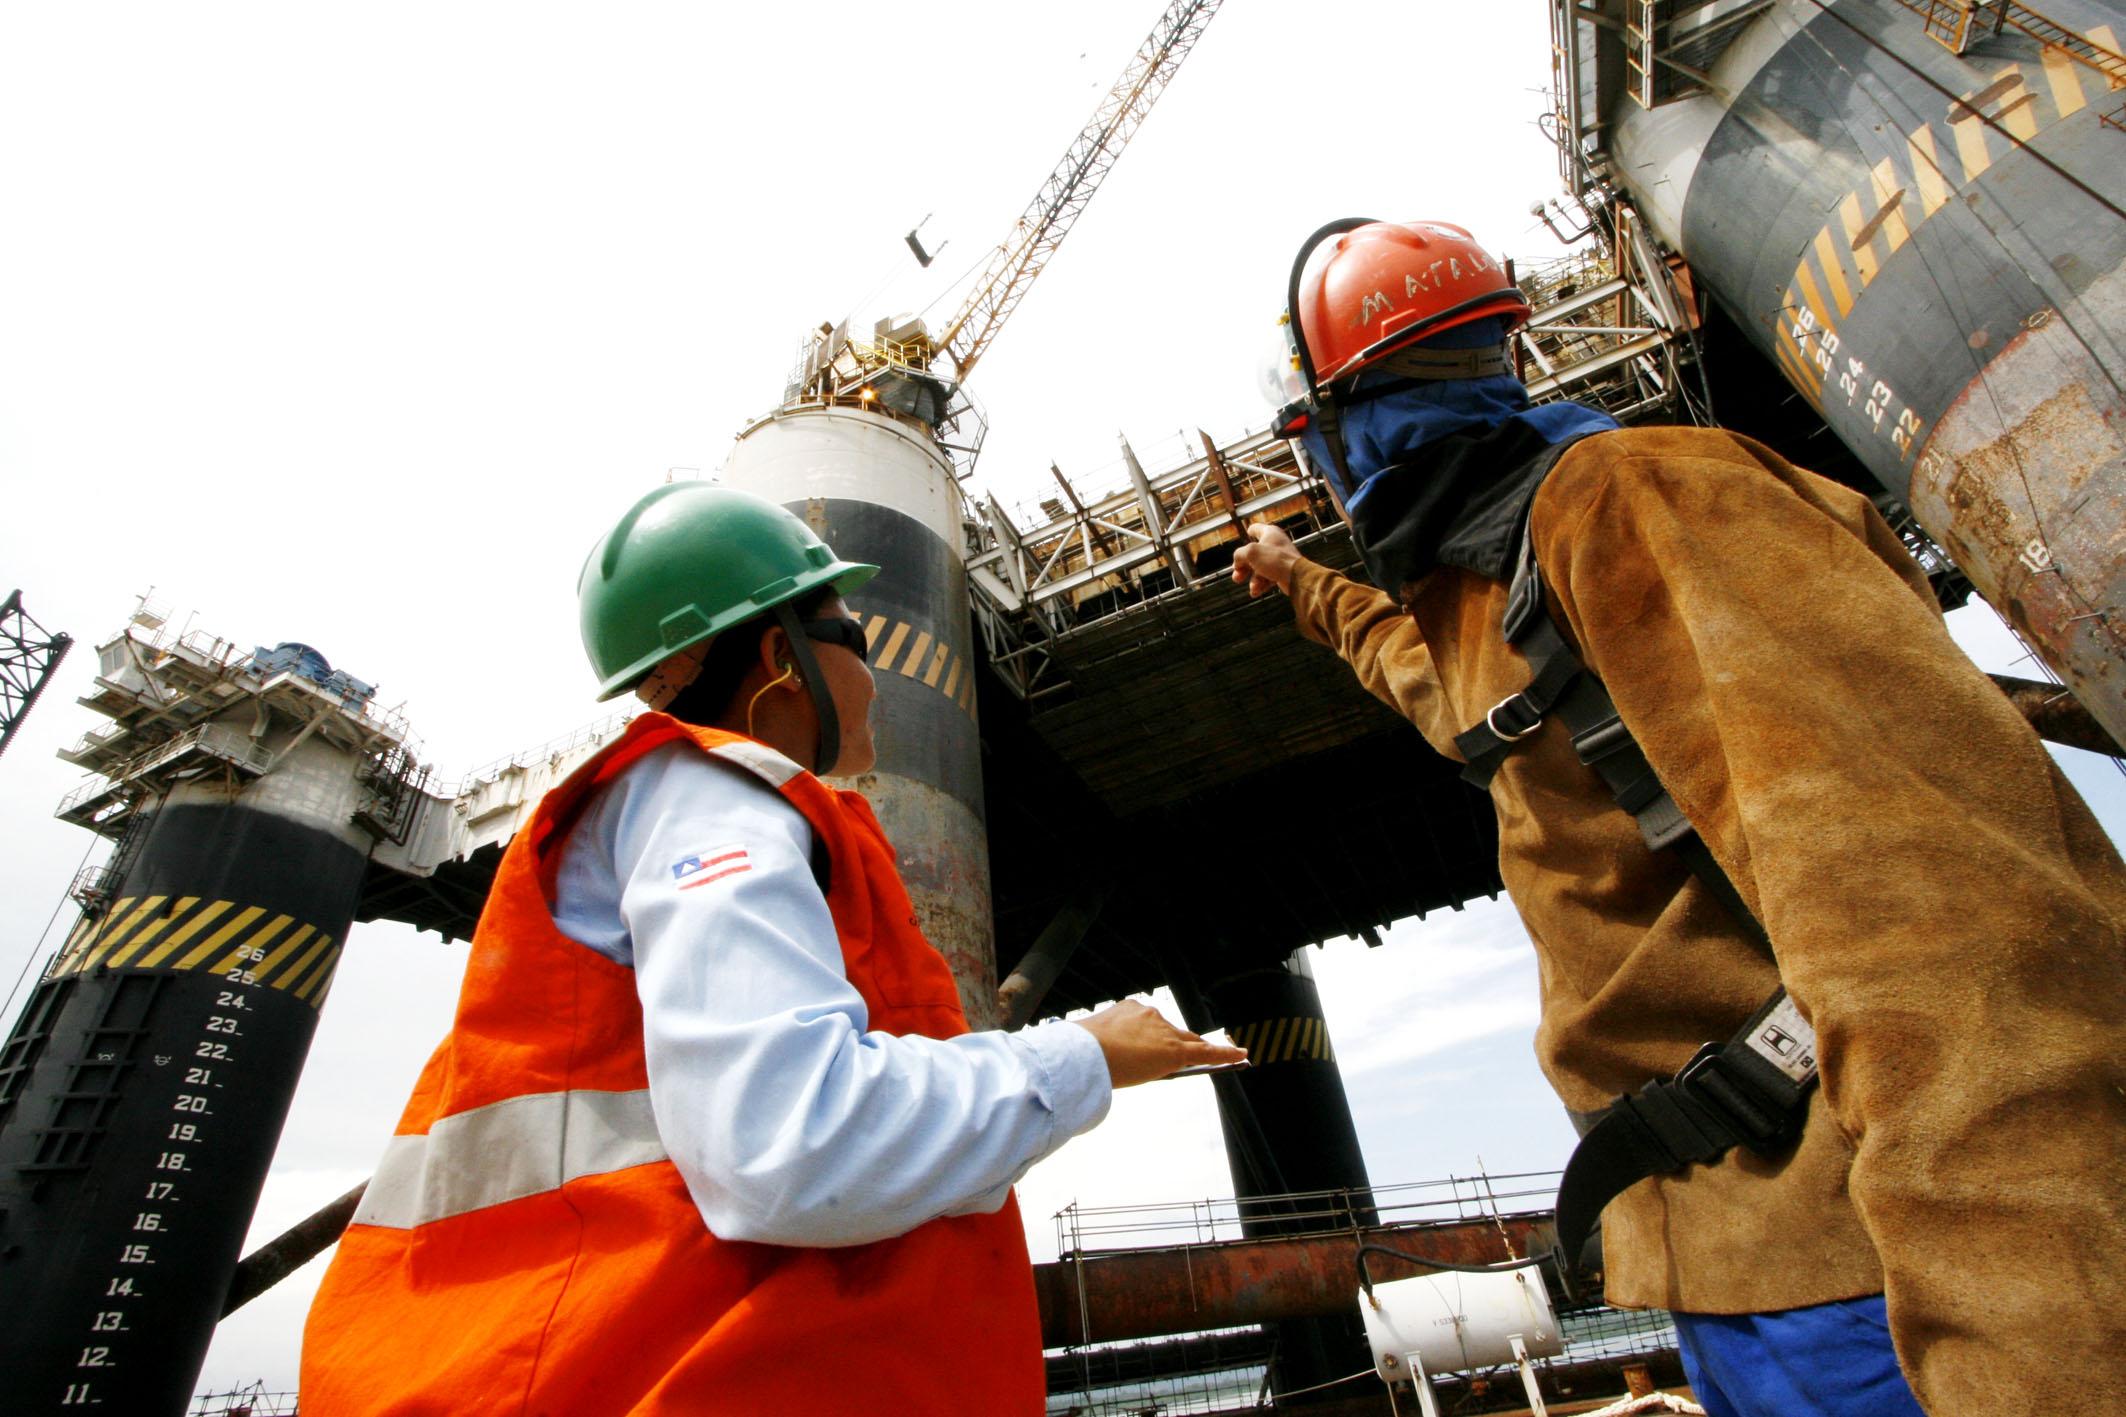 Oportunidades de trabalho na última semana de agosto no ramo da indústria, óleo e gás.